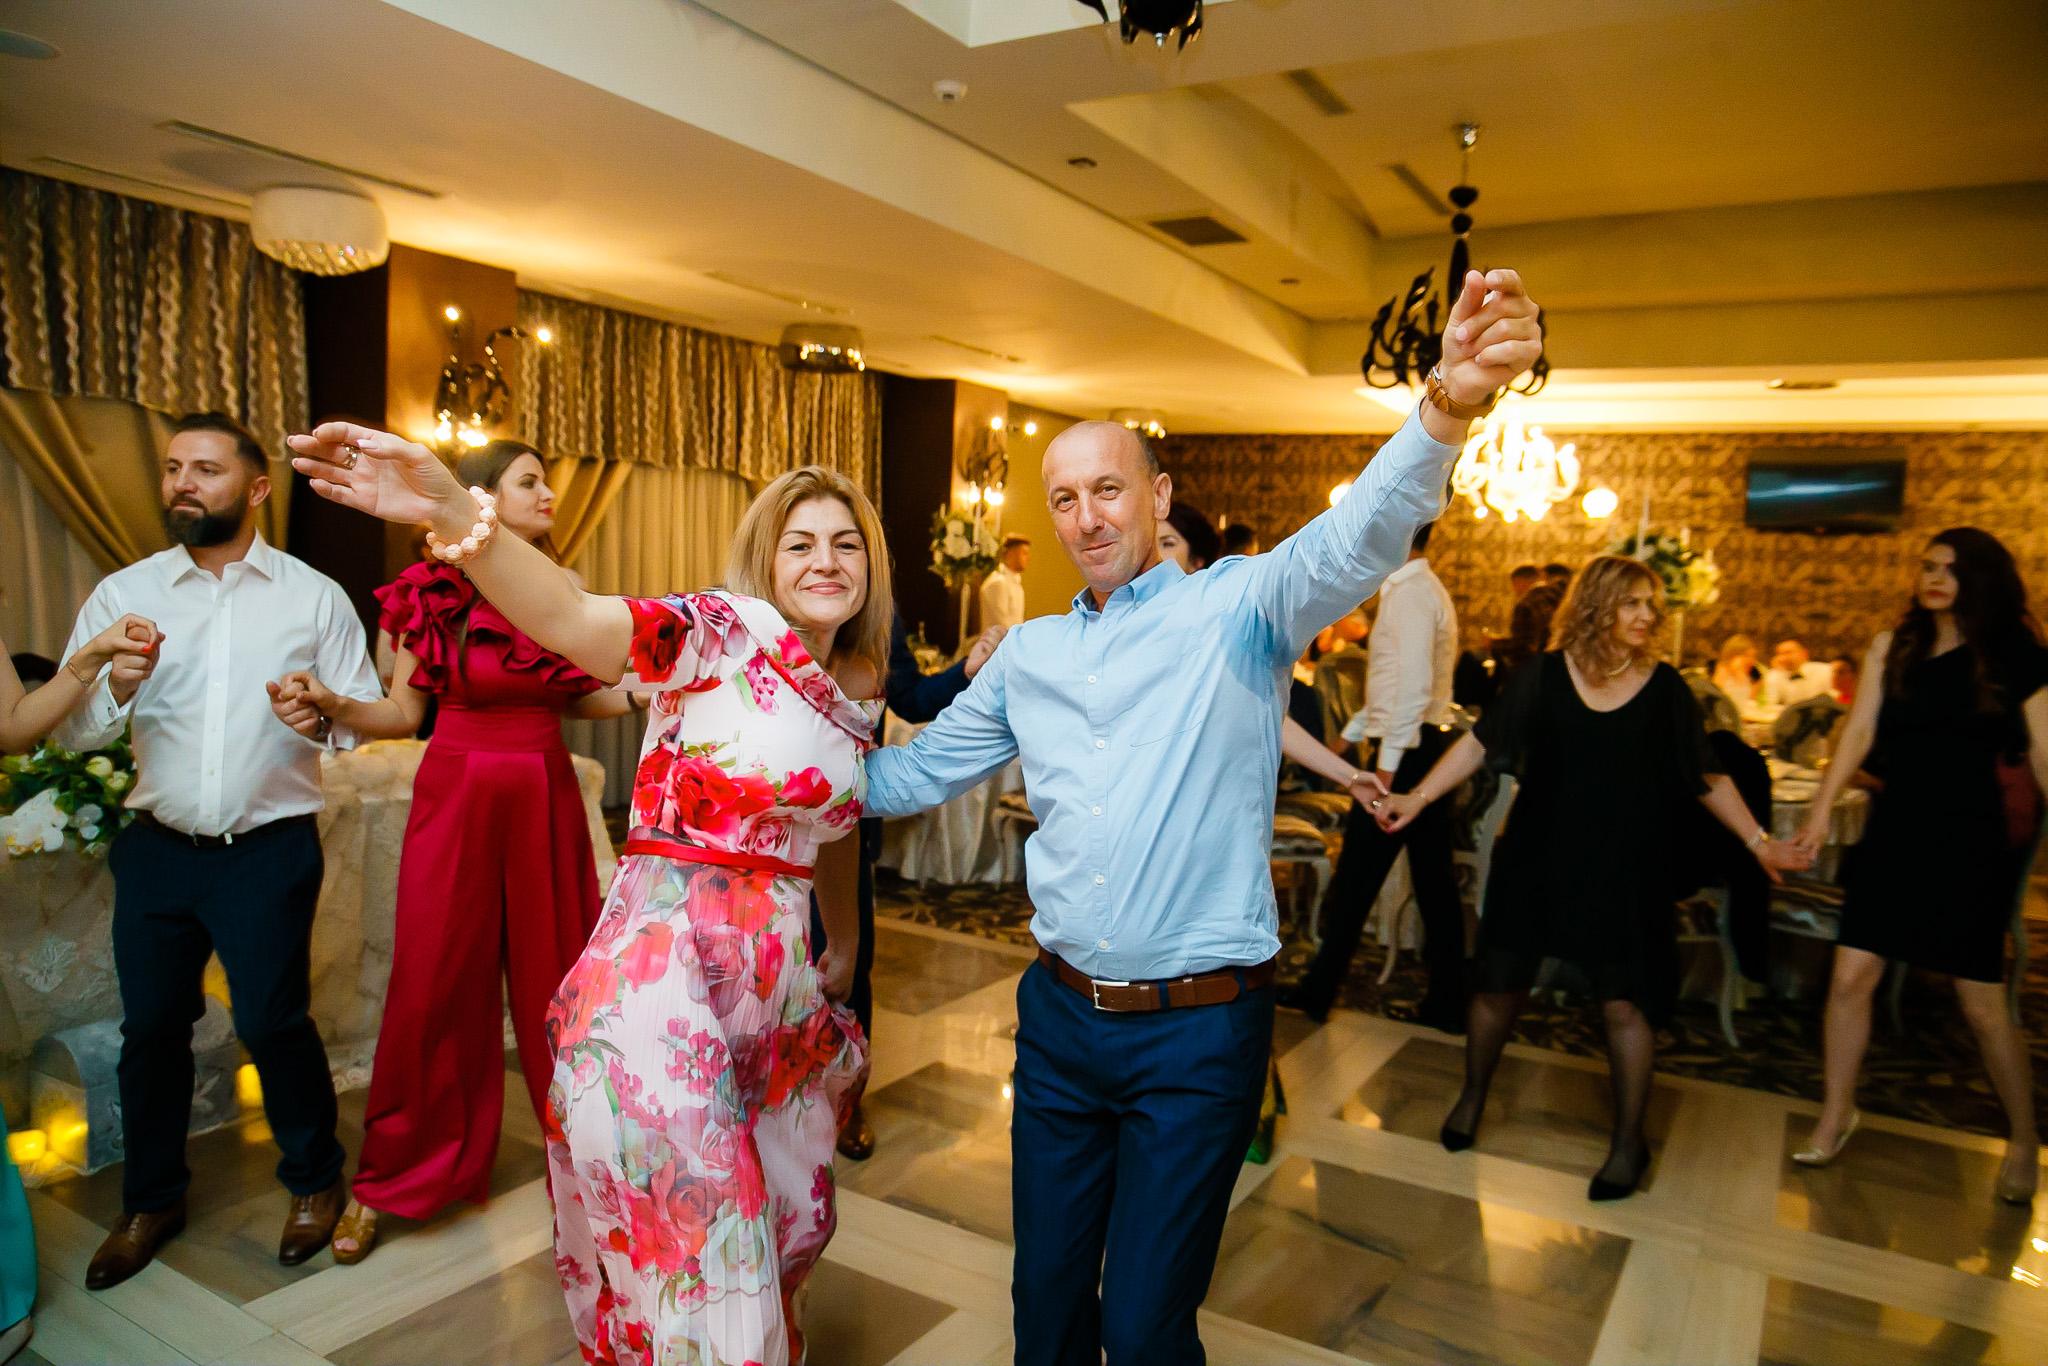 Larisa si Bogdan Nuntă la Pleiada fotograf profesionist nunta Iasi www.paulpadurariu.ro © 2018 Paul Padurariu petrecere 7